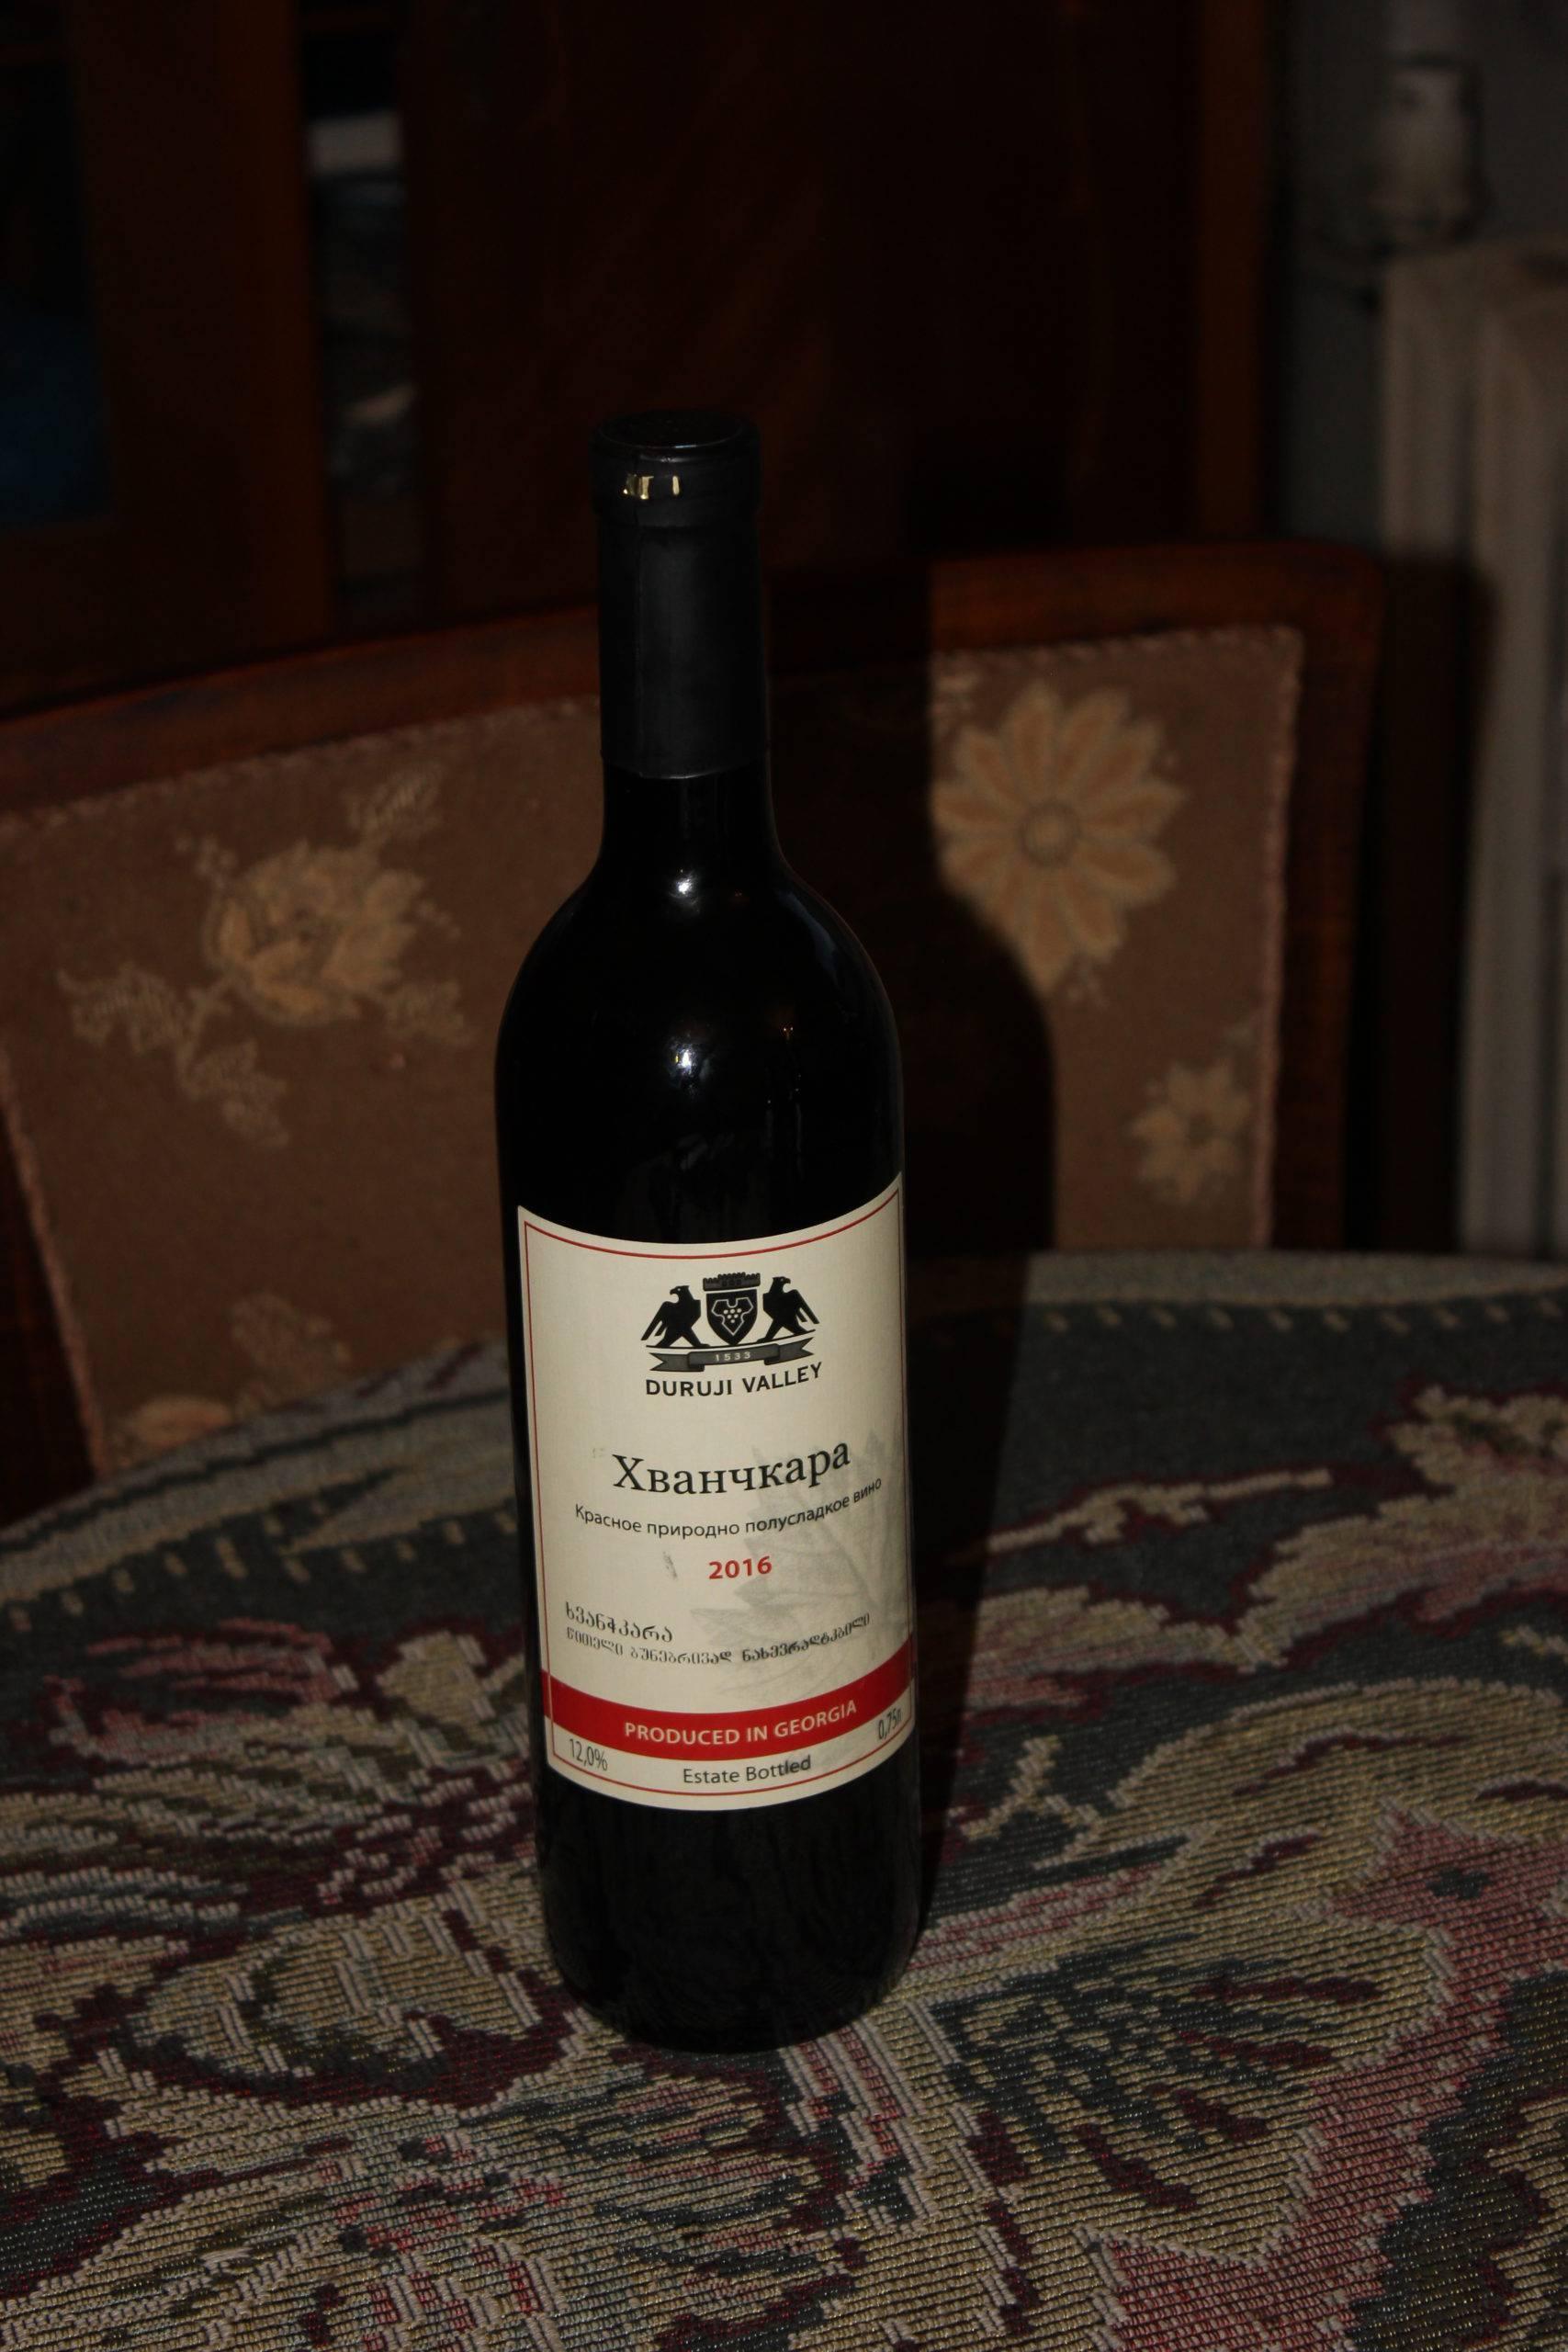 Хванчкара вино: история, характеристики, виды, стоимость